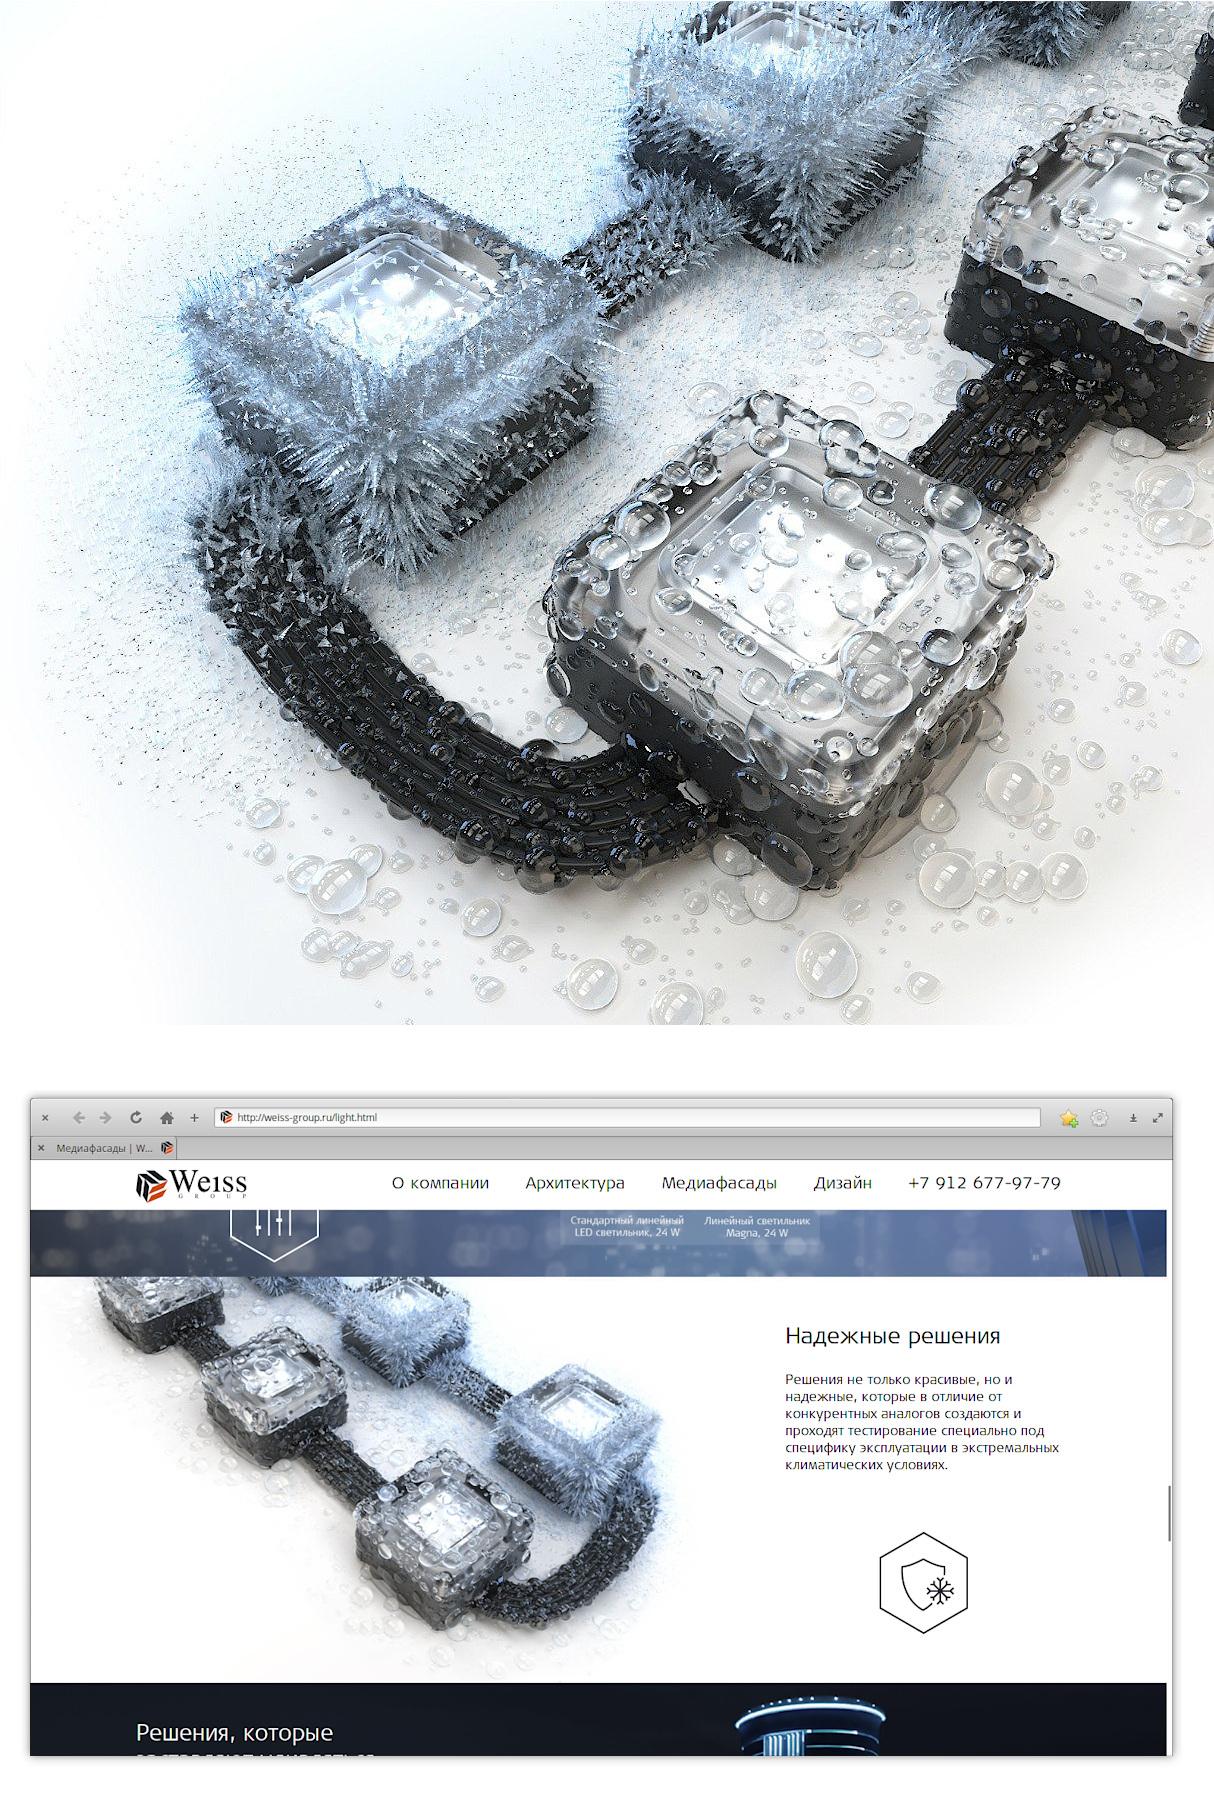 Северный мороз и банный жар в одном кадре